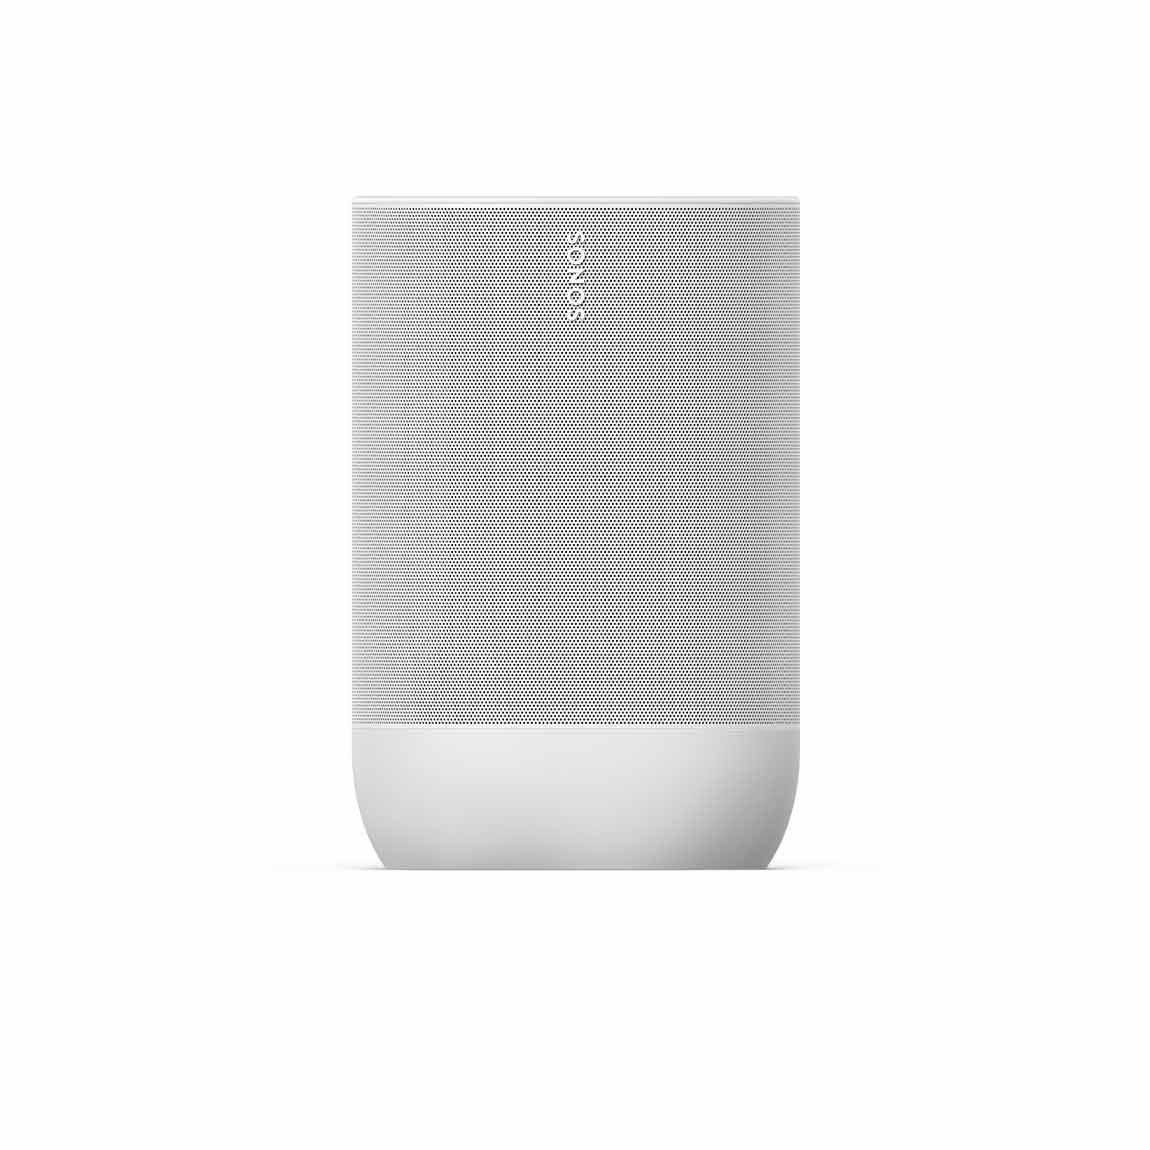 Sonos Move - Tragbarer WLAN- & Bluetooth-Lautsprecher mit AirPlay 2 - Weiß